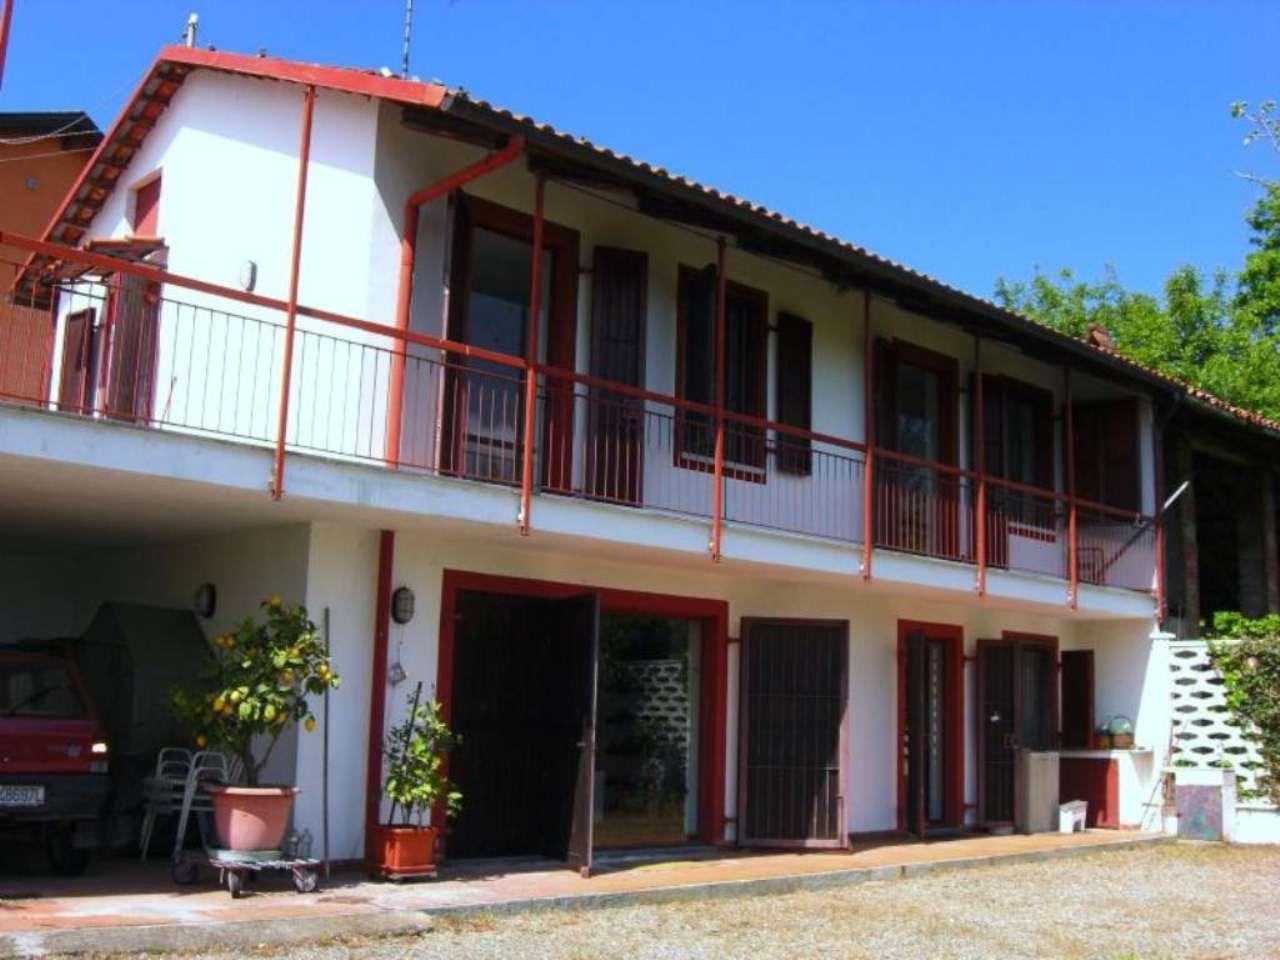 Soluzione Indipendente in vendita a Cavagnolo, 7 locali, prezzo € 98.000 | Cambio Casa.it